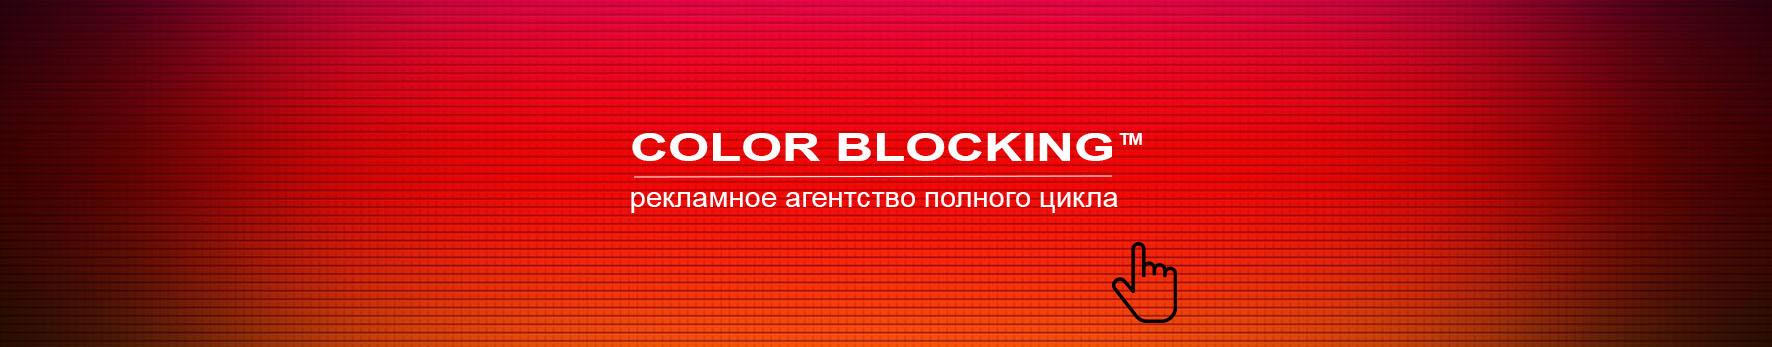 3х6 щиты в Чечне агентство